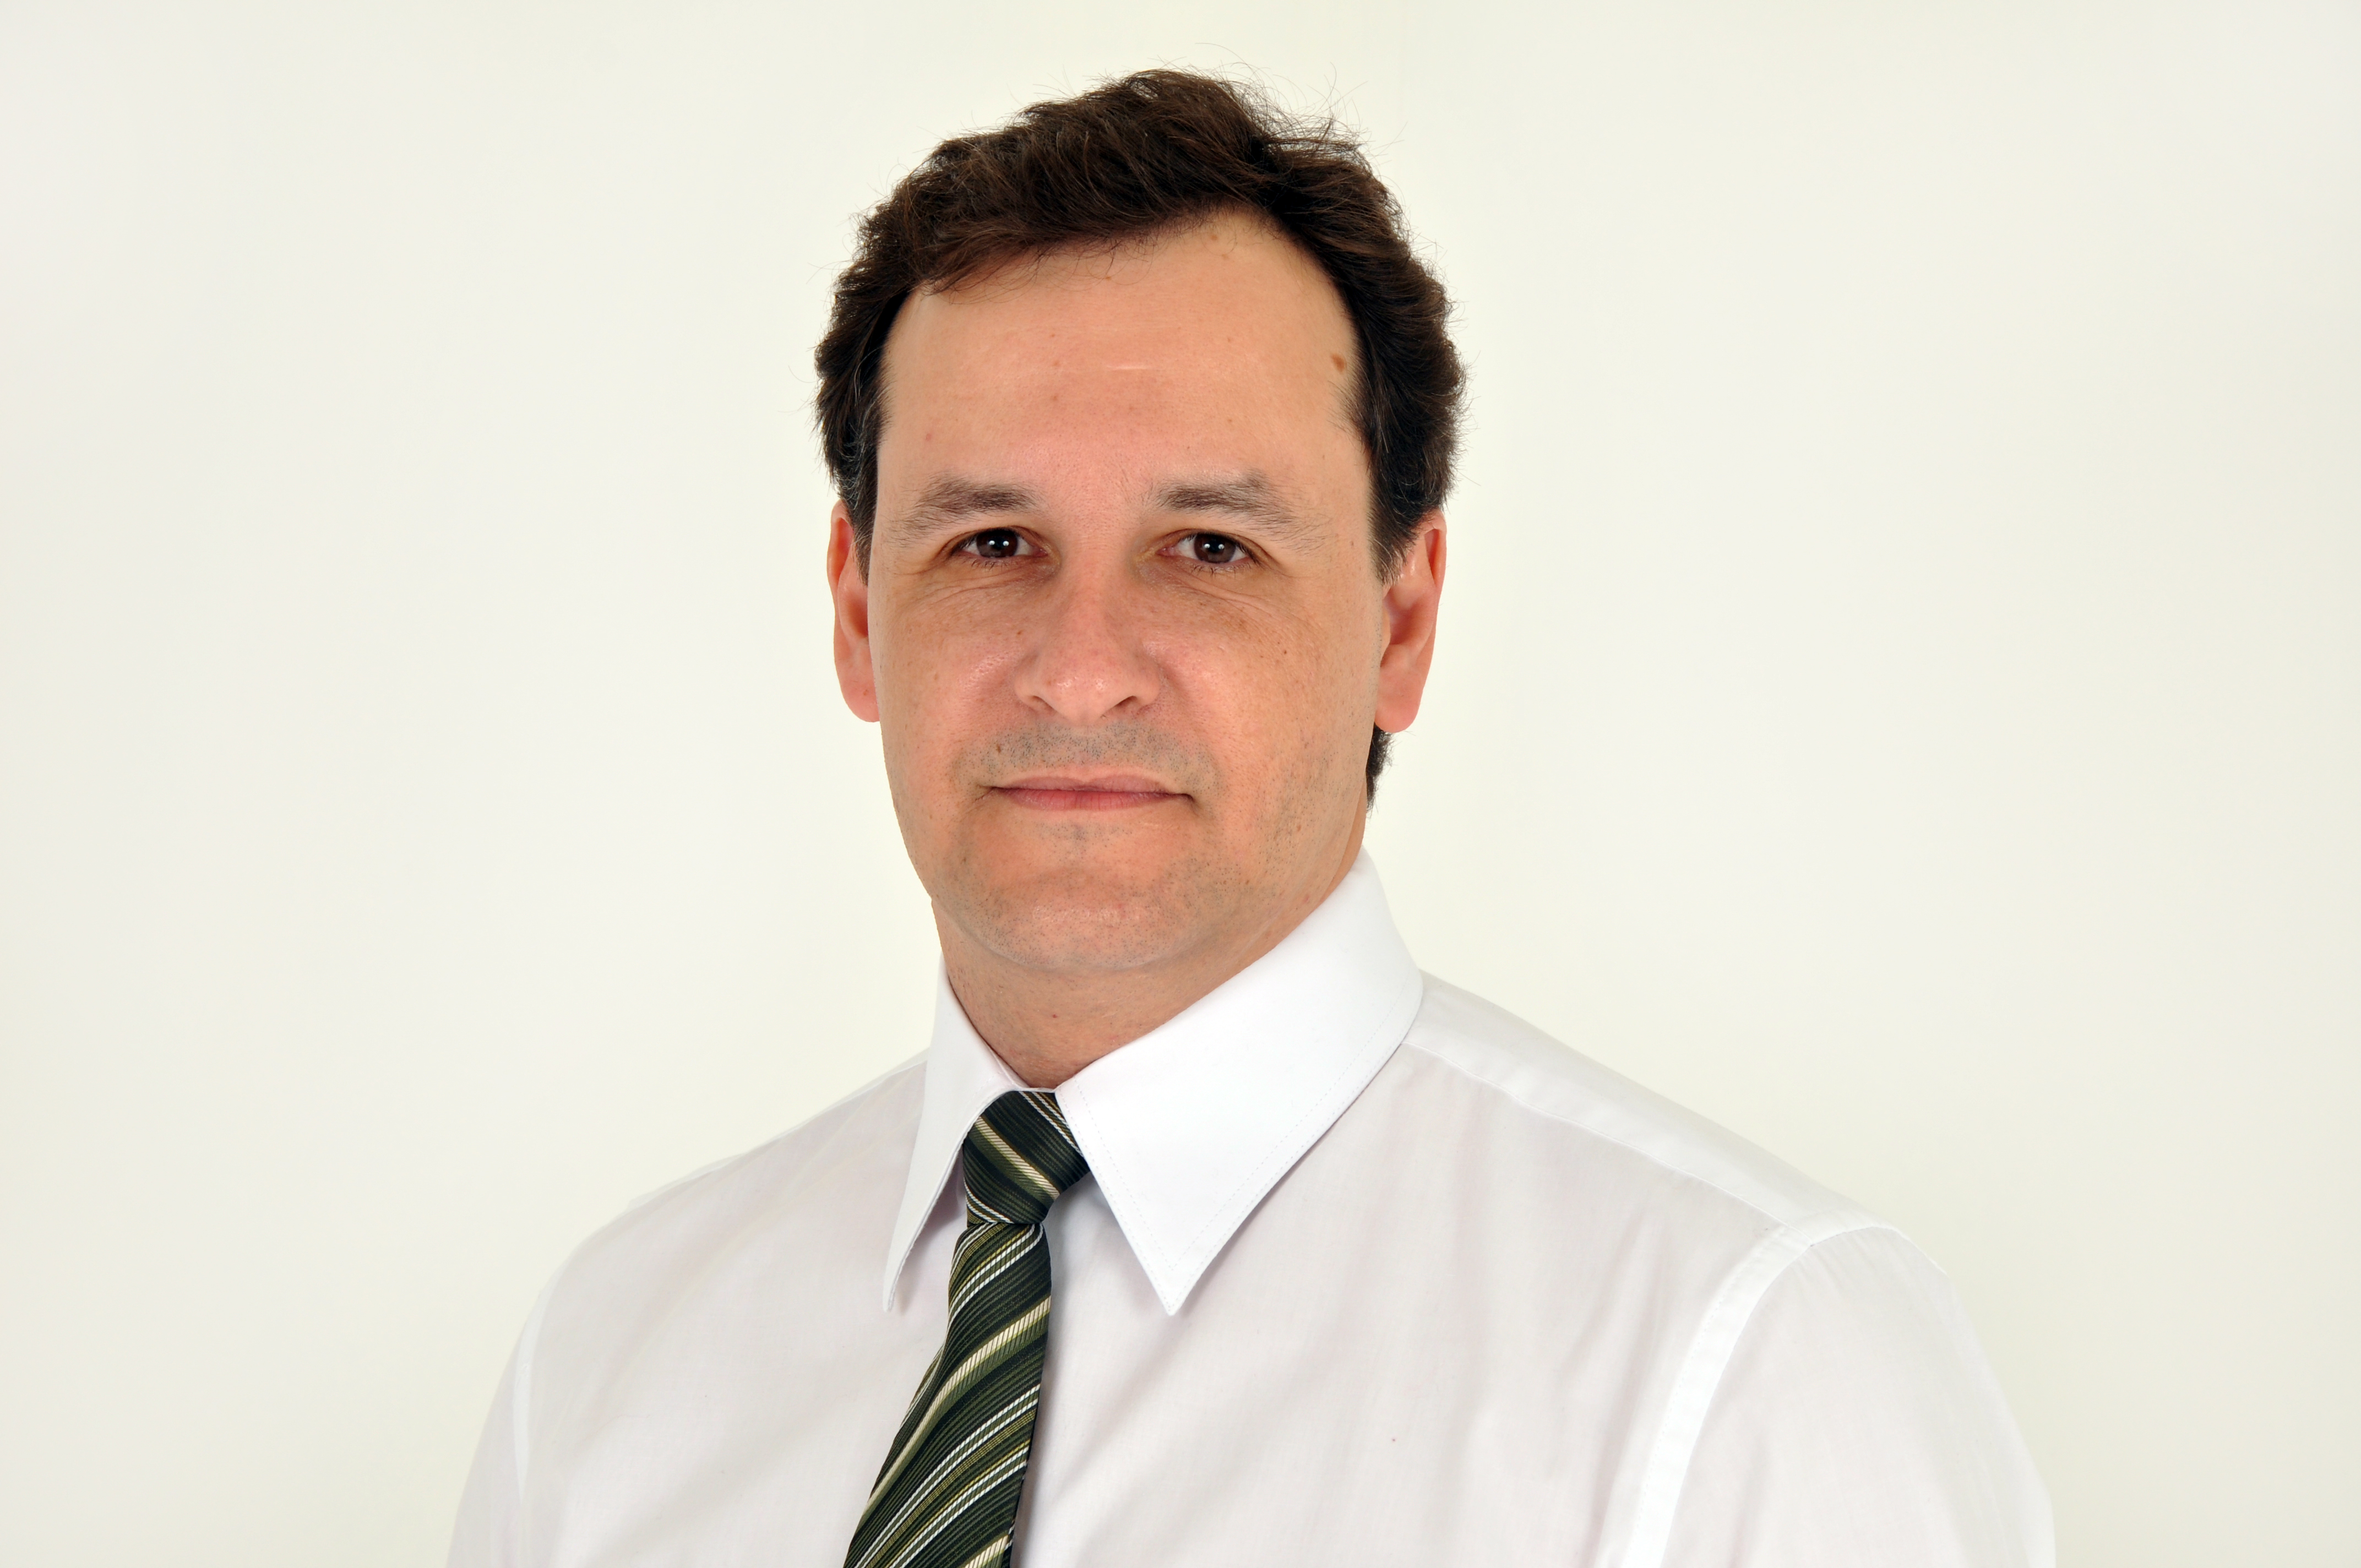 Alessander Mendes